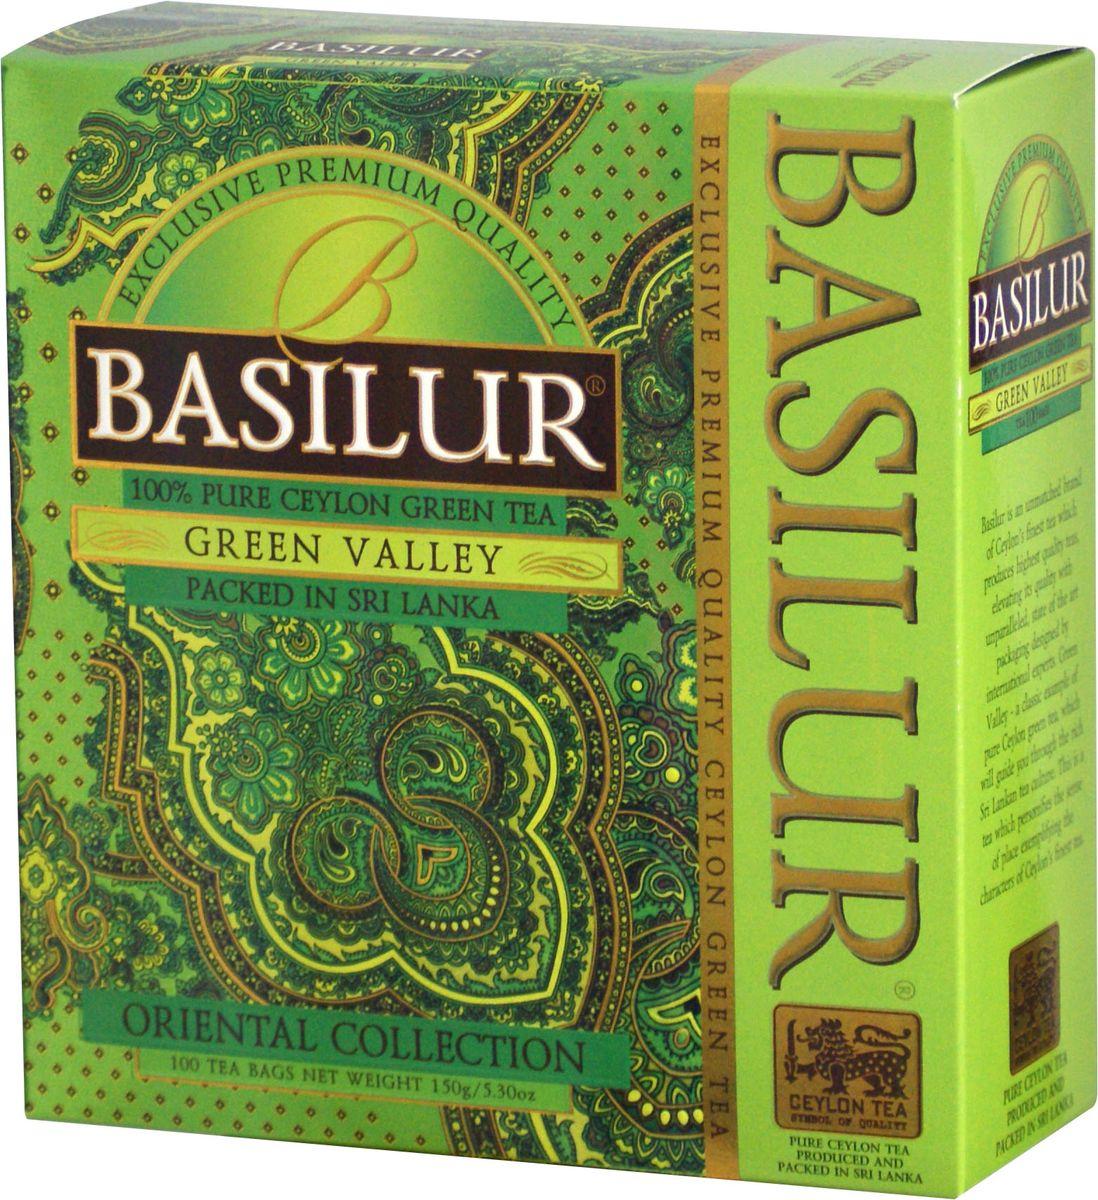 Basilur Green Valley зеленый чай в пакетиках, 100 шт0120710Basilur Green Valley - зеленый байховый мелколистовой чай в пакетиках с ярлычками для разовой заварки. Приятный на вкус и богатый своими отличительными свойствами цейлонский зелёный чай является кульминацией богатой истории выращивания чая на острове Цейлон. Ценные компоненты входящие в его состав, такие как флавоноиды, антиоксиданты и катехины, предотвращают окислительное повреждение в клетках лучше чем витамины С и Е, делая чай отличным помощником в поддержании здорового образа жизни и приятным напитком в течении всего года.